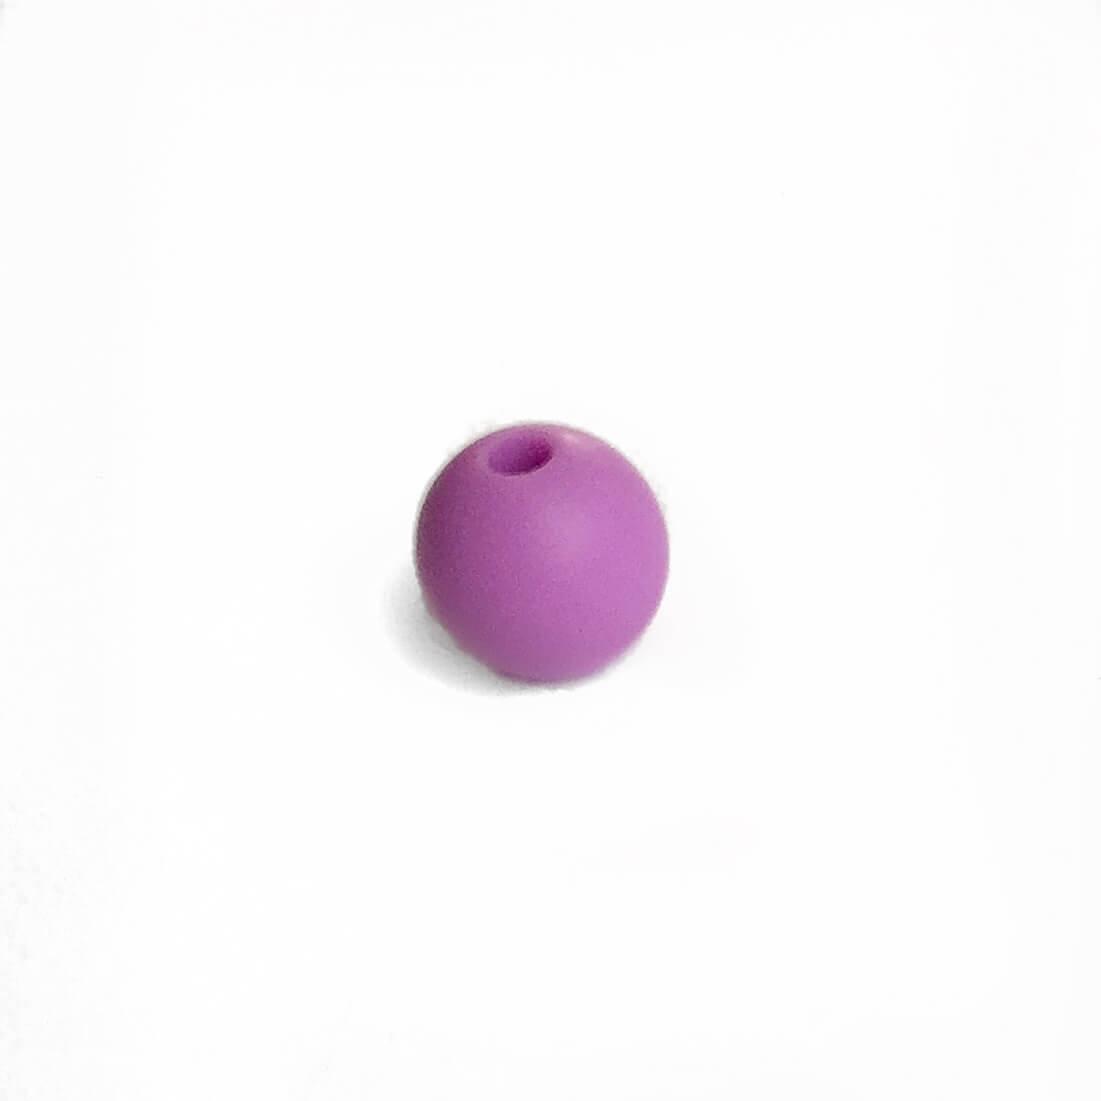 9мм (сирень) круглая, силиконовая бусина